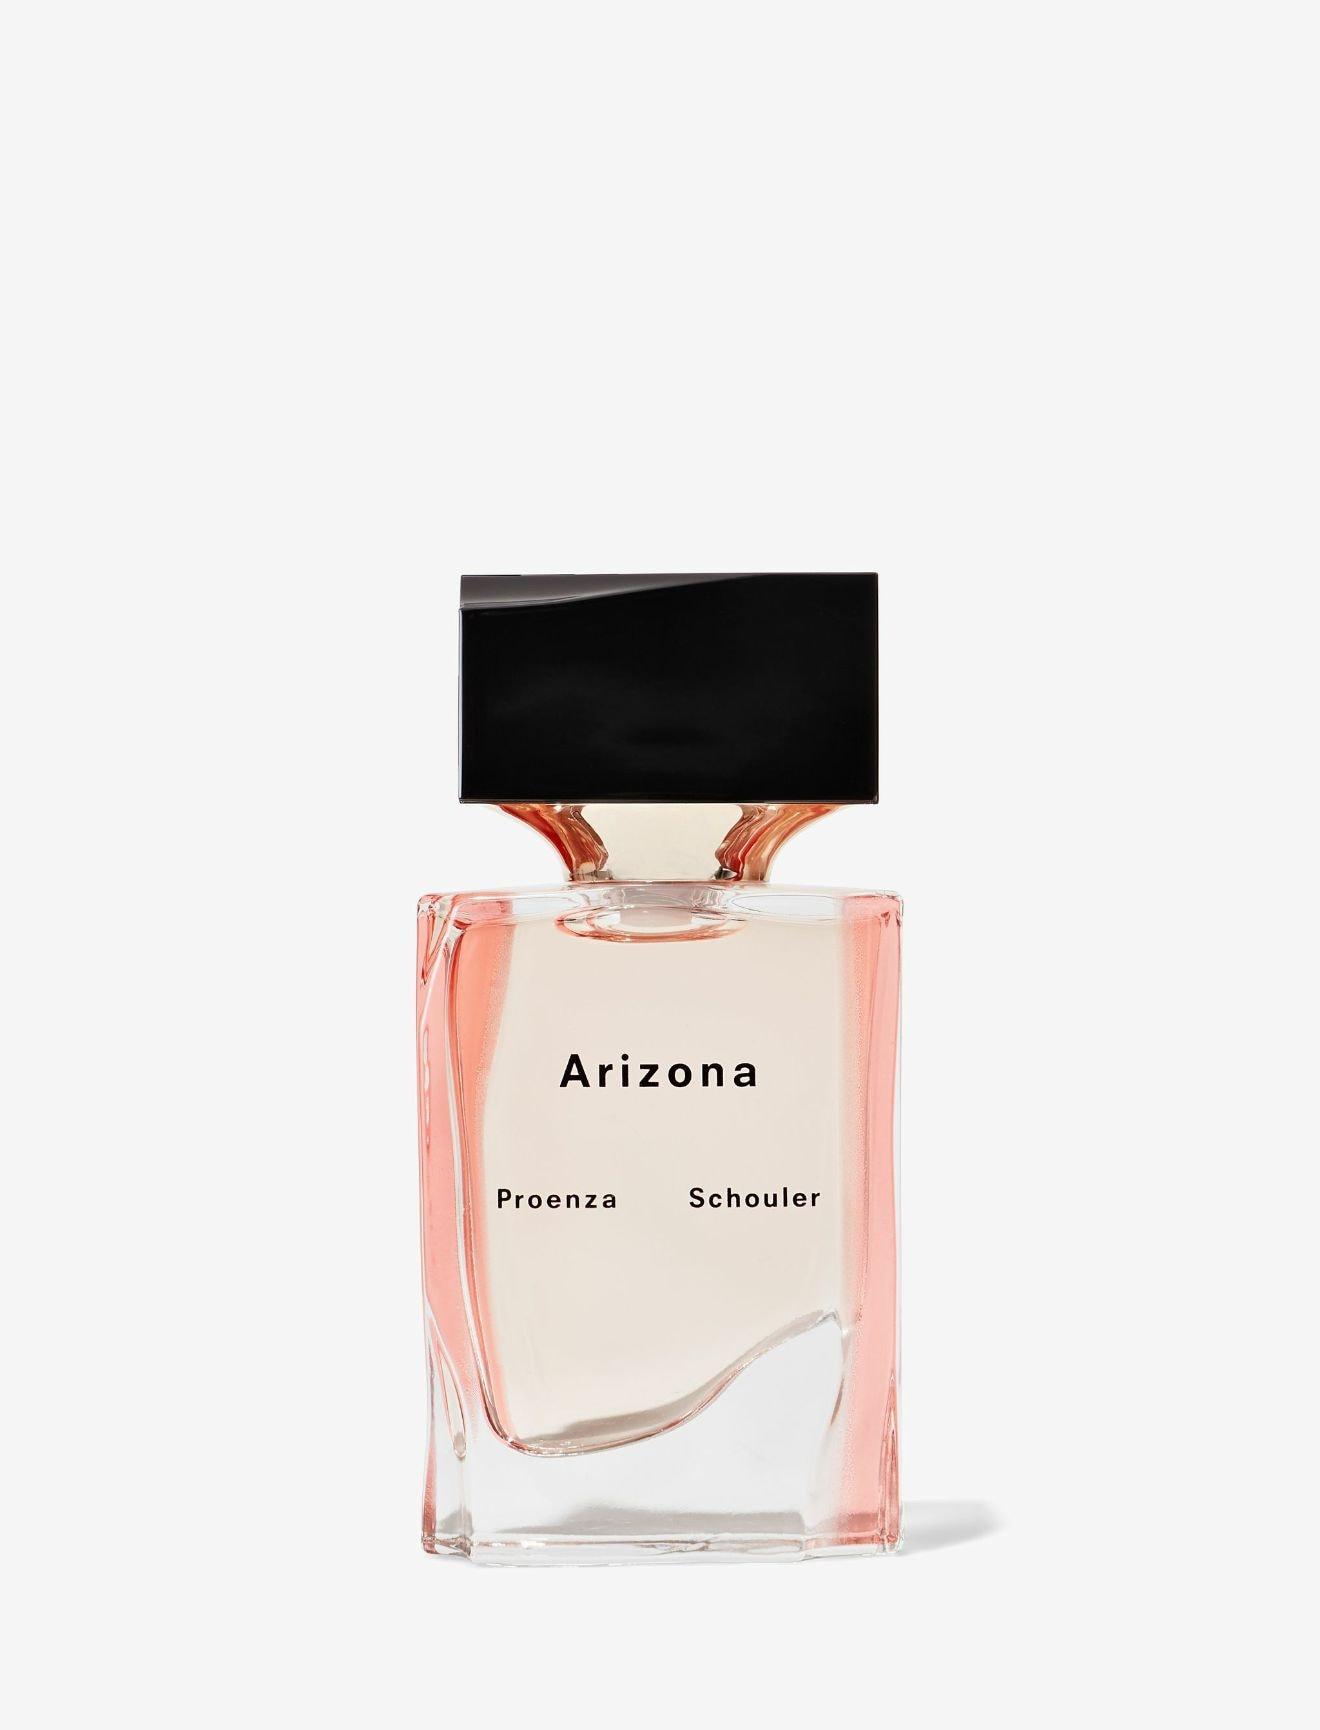 Proenza Schouler - Arizona Eau de Parfum